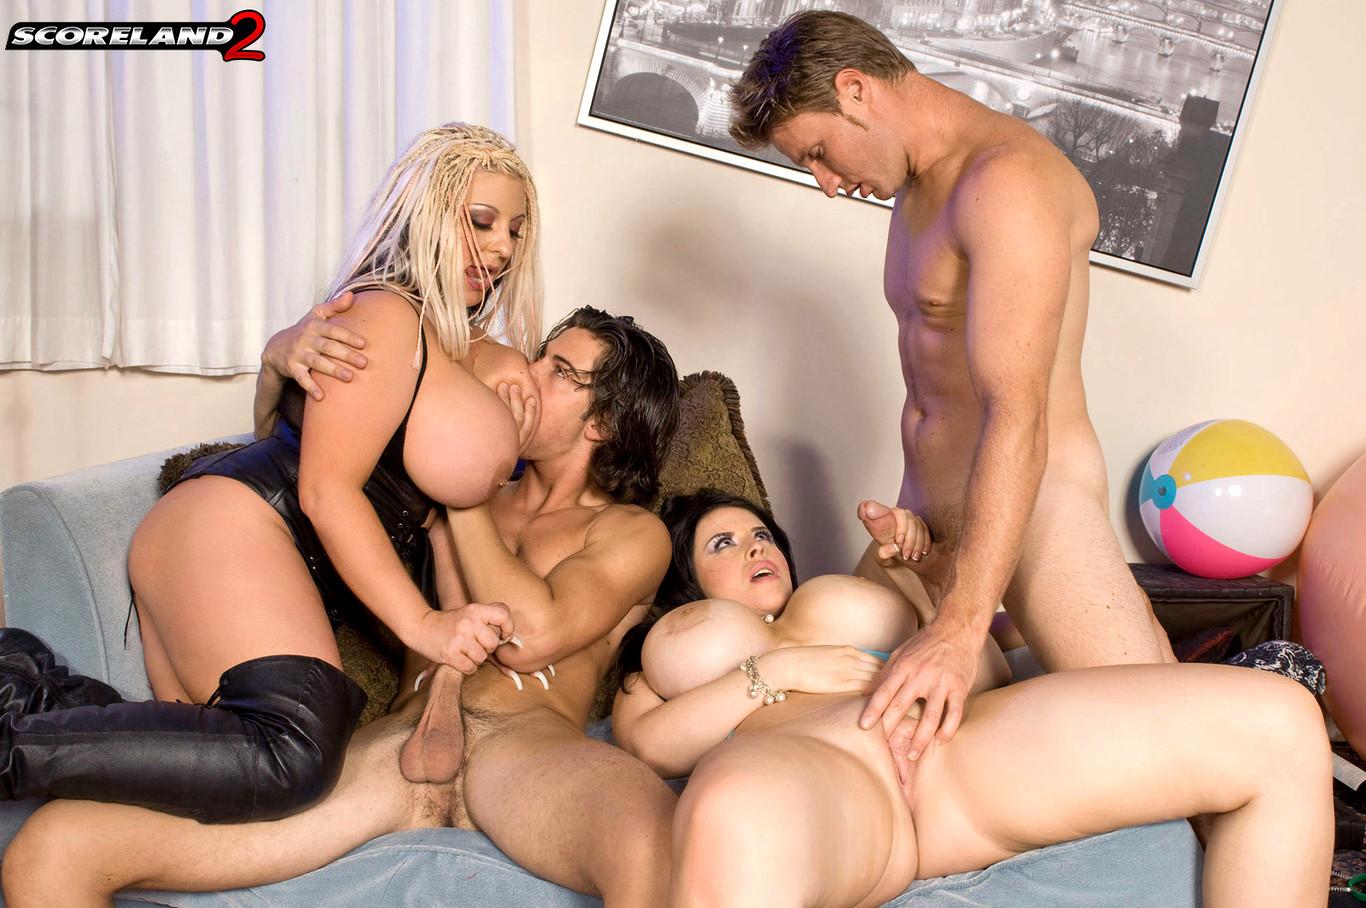 gruppovoe-porno-video-blondinok-s-bolshoy-grudyu-lesbiyanki-trahnuli-podrugu-vo-vse-sheli